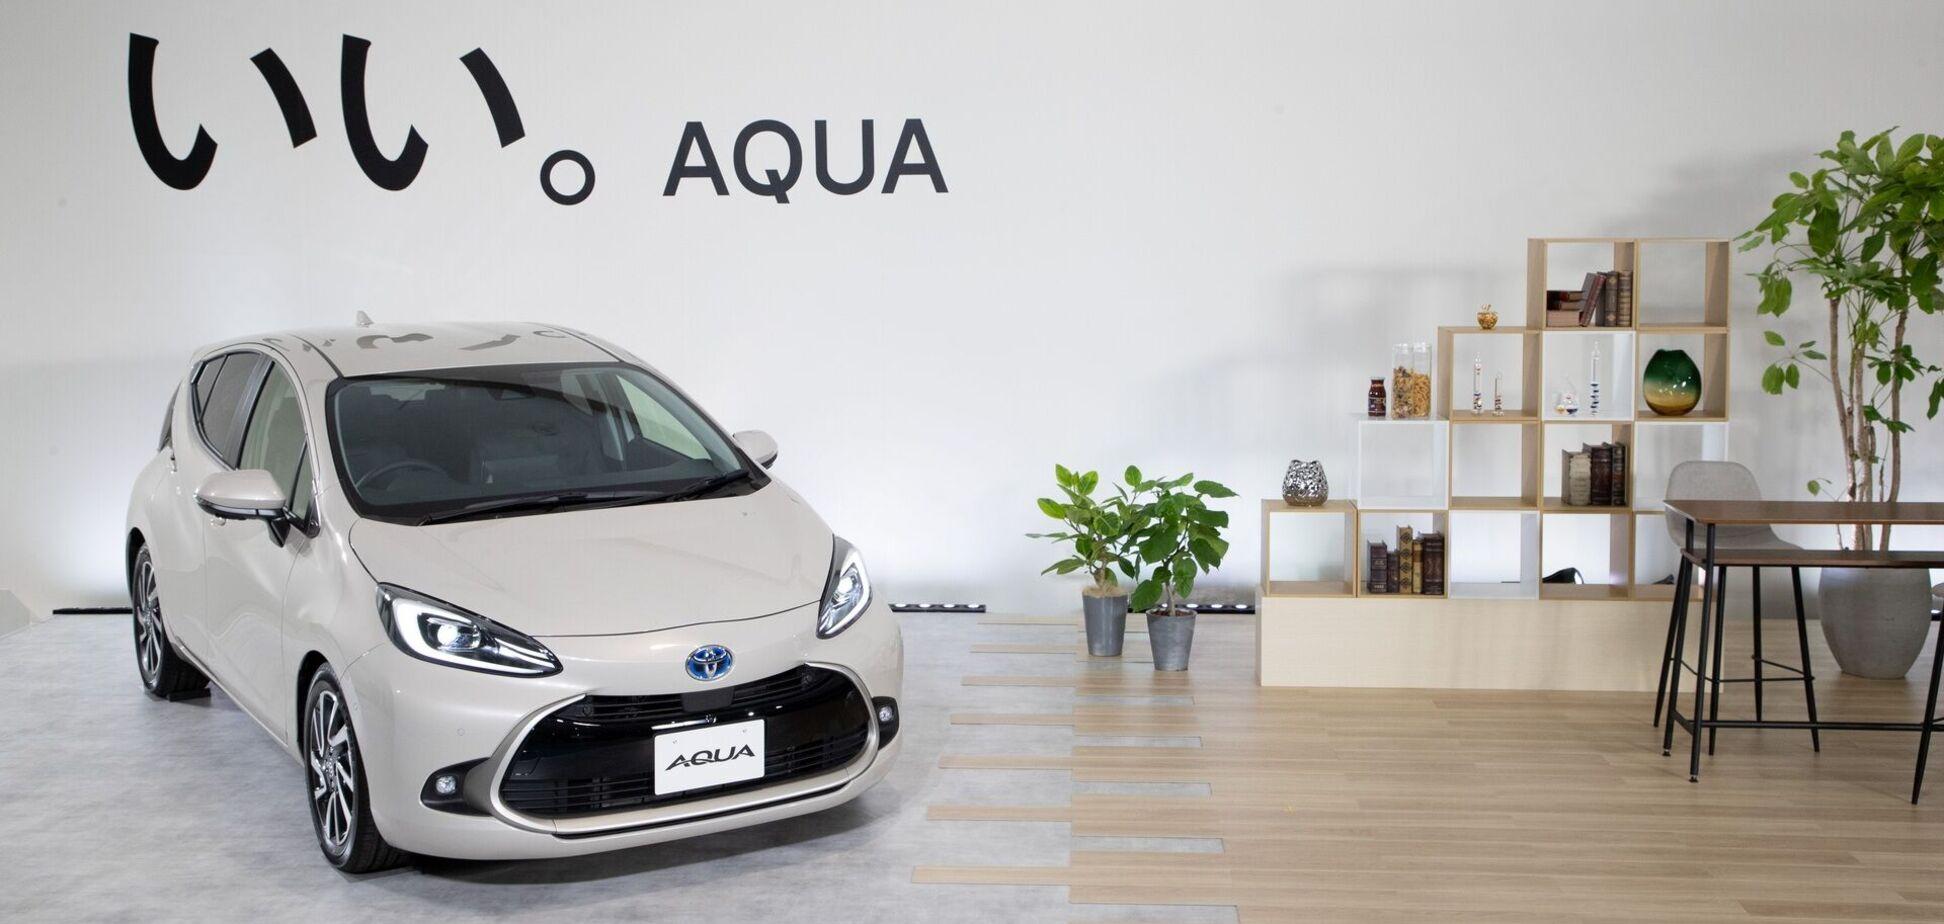 Toyota представила на японському ринку друге покоління моделі Aqua